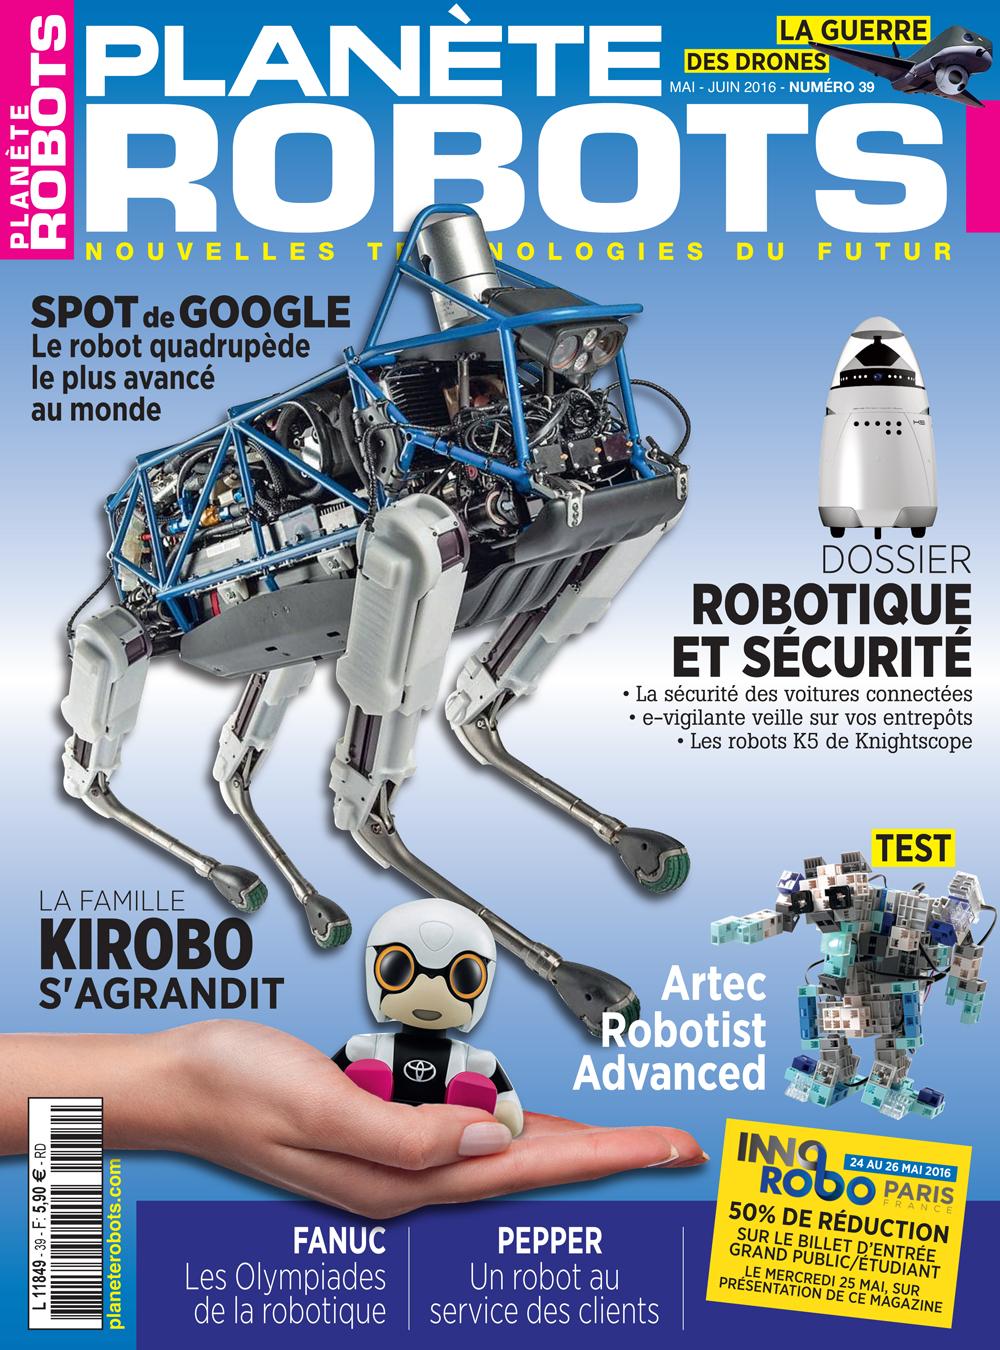 Planète Robots numéro 39 – Extrait de 15 pages